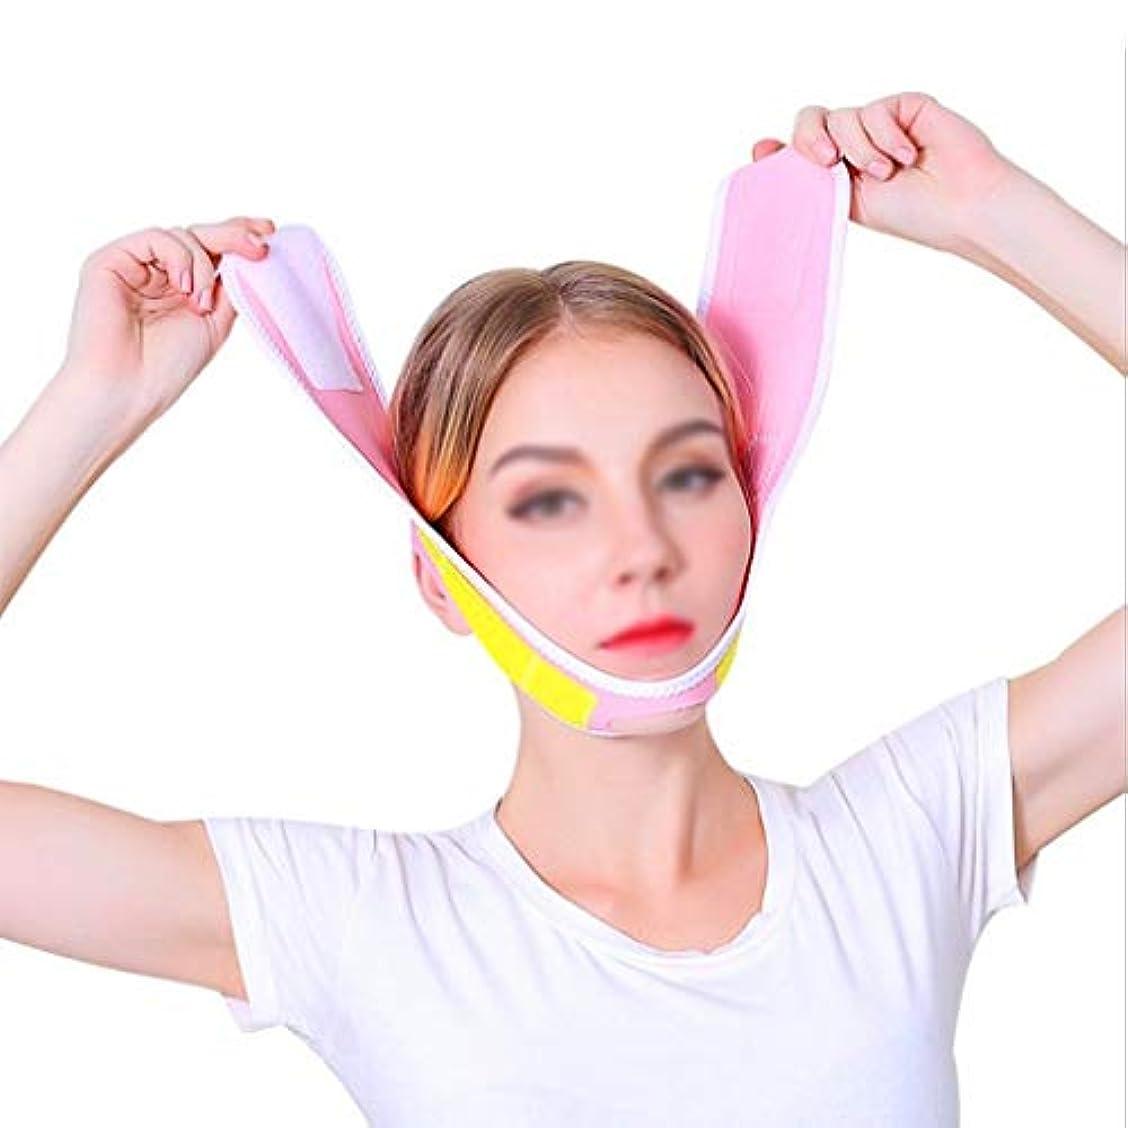 始めるバルク理由XHLMRMJ 整形されたフェイスマスク、顔の引き上げと引き締めを強化する整形、顔の減量抗シワトリートメント、フェイスリフティングと引き締め肌(ピンク、ワンサイズ)